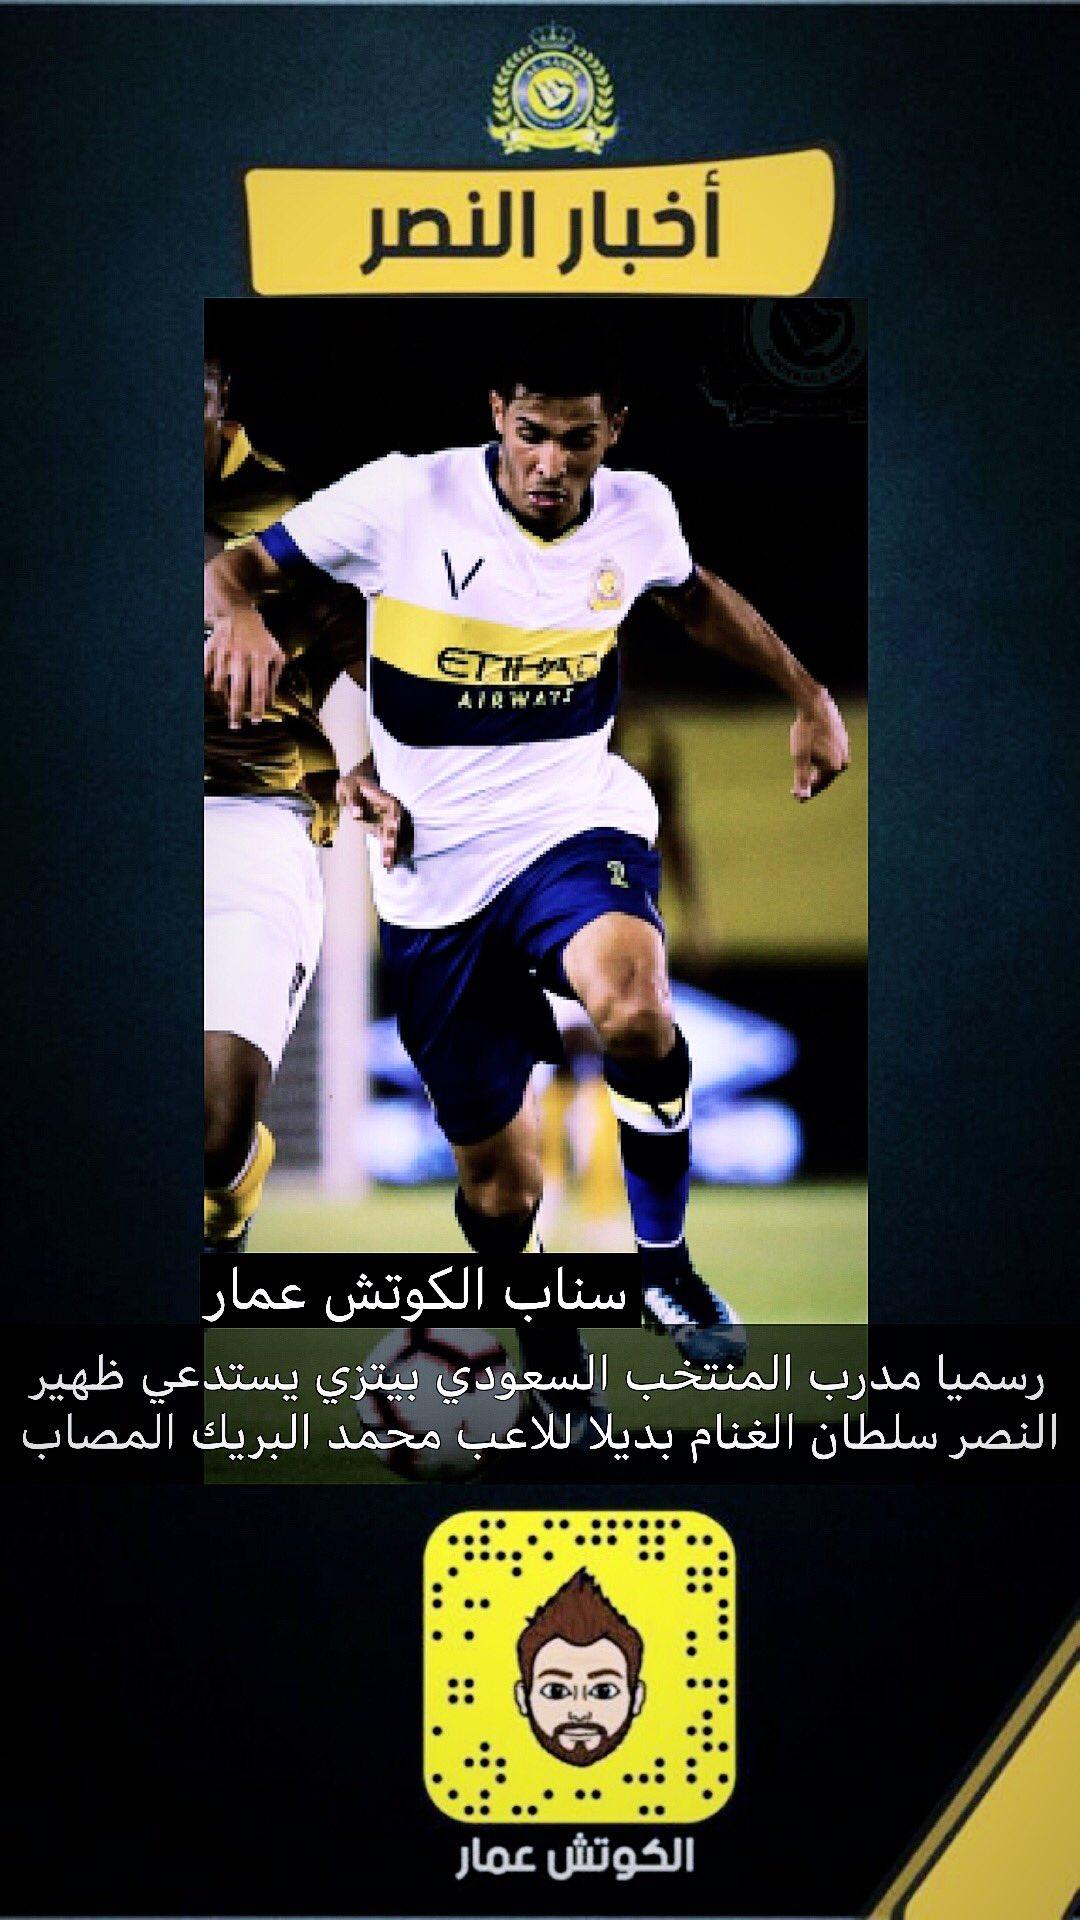 الكوتش عمار 45 On Twitter بيتزي مدرب المنتخب السعودي يستدعي ظهير النصر سلطان الغنام